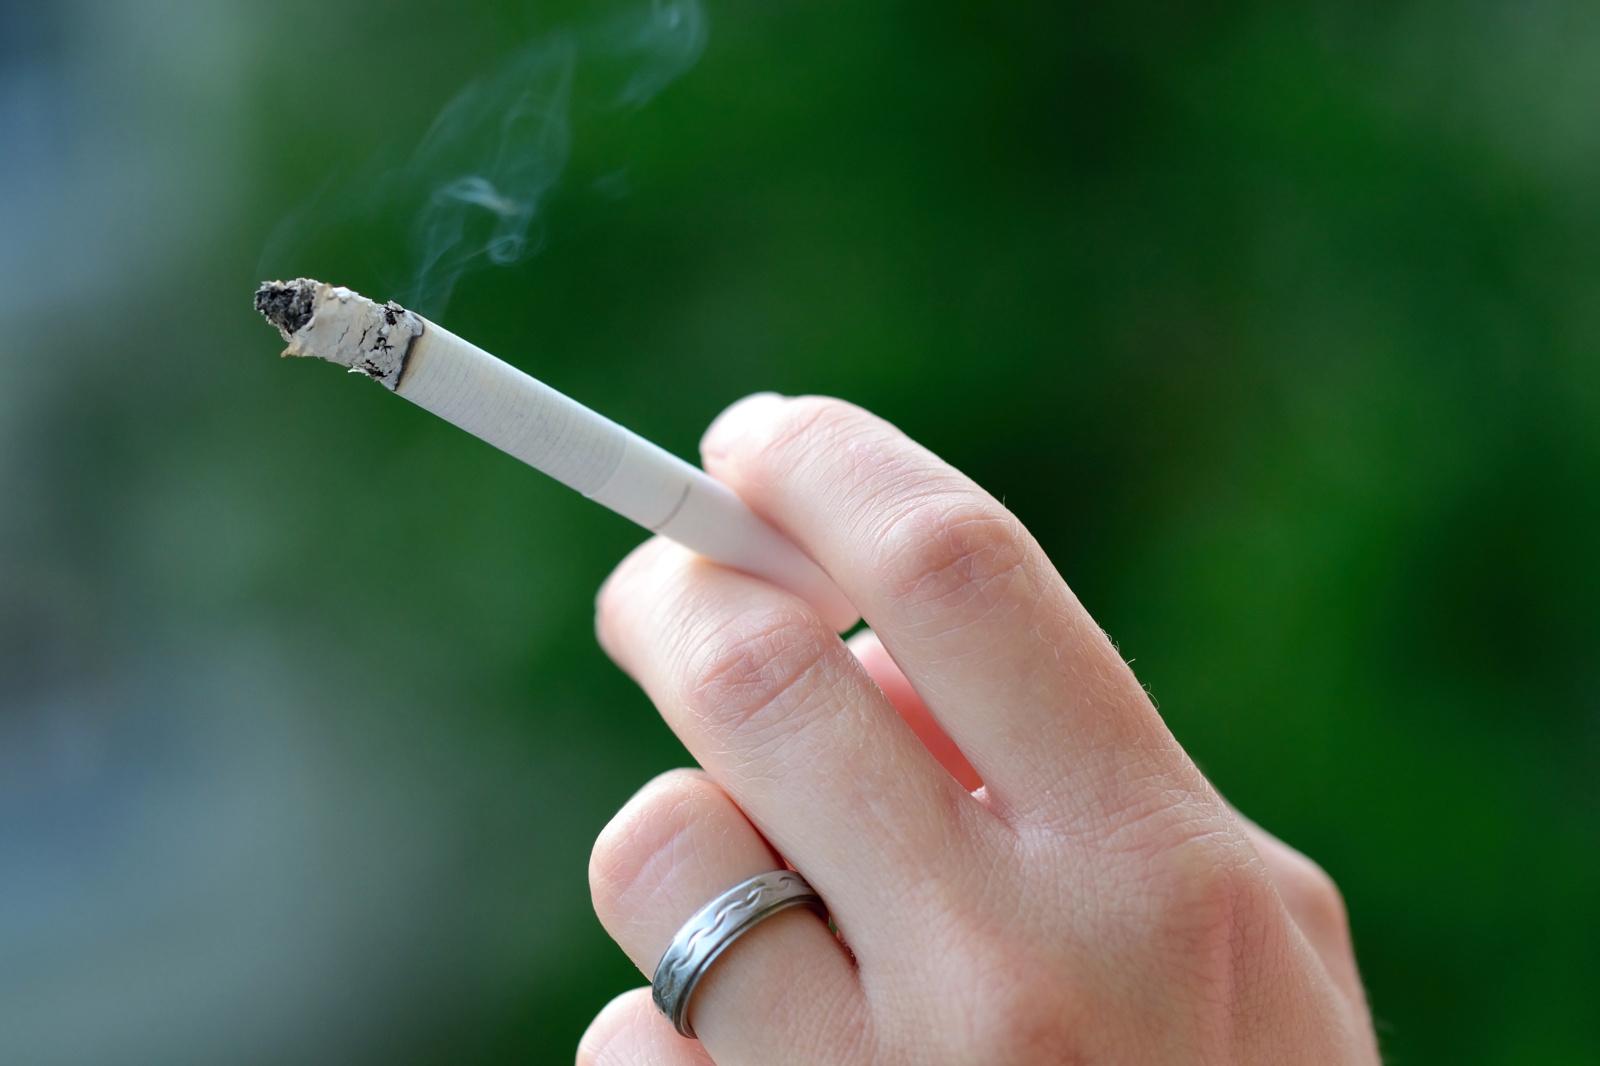 Valstybės kova su tabako gaminių skoniais: kaip keisis rinka ir kaip tam ruošiasi valstybė?